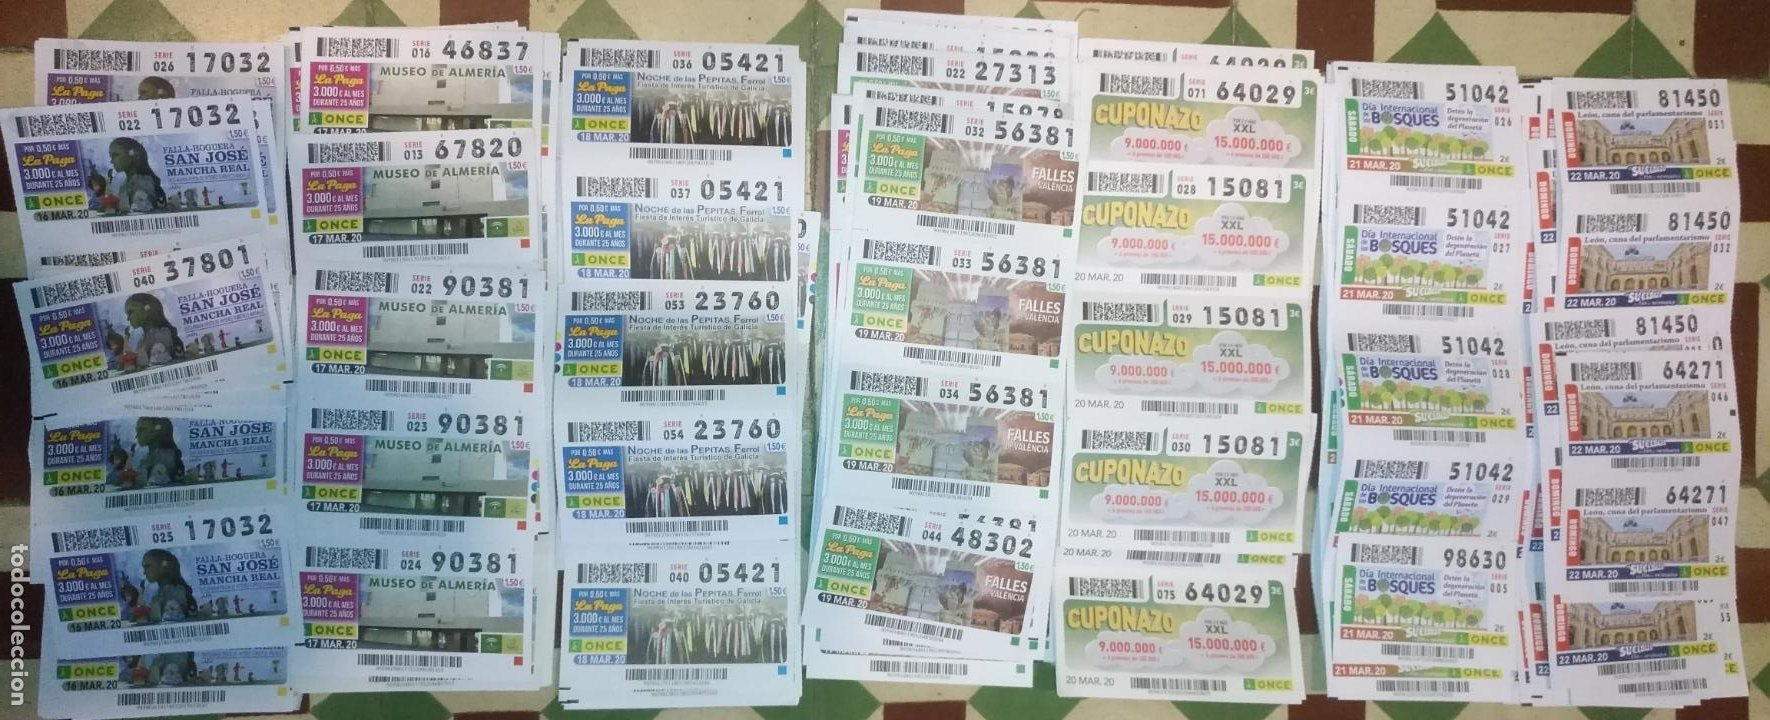 LOTE 7 CUPONES DE LA ONCE DIA 16 17 18 19 20 21 Y 22 CUPONES NO SORTEADOS MARZO 2020 CONFINAMIENTO (Coleccionismo - Lotería - Cupones ONCE)